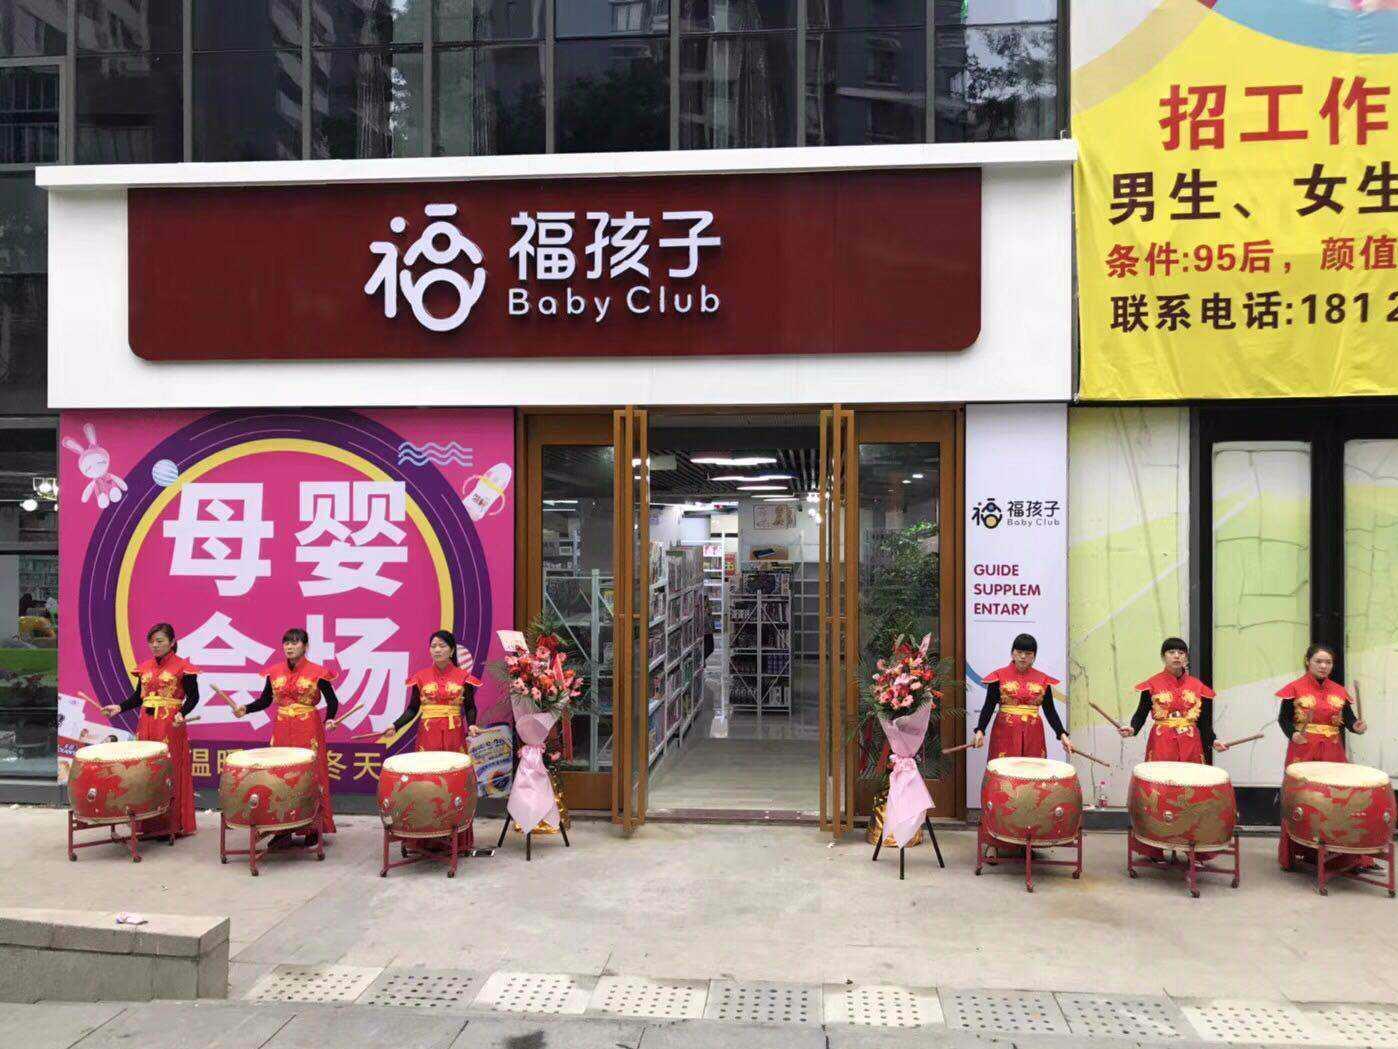 北京福孩子供应链管理有限公司莆田分公司